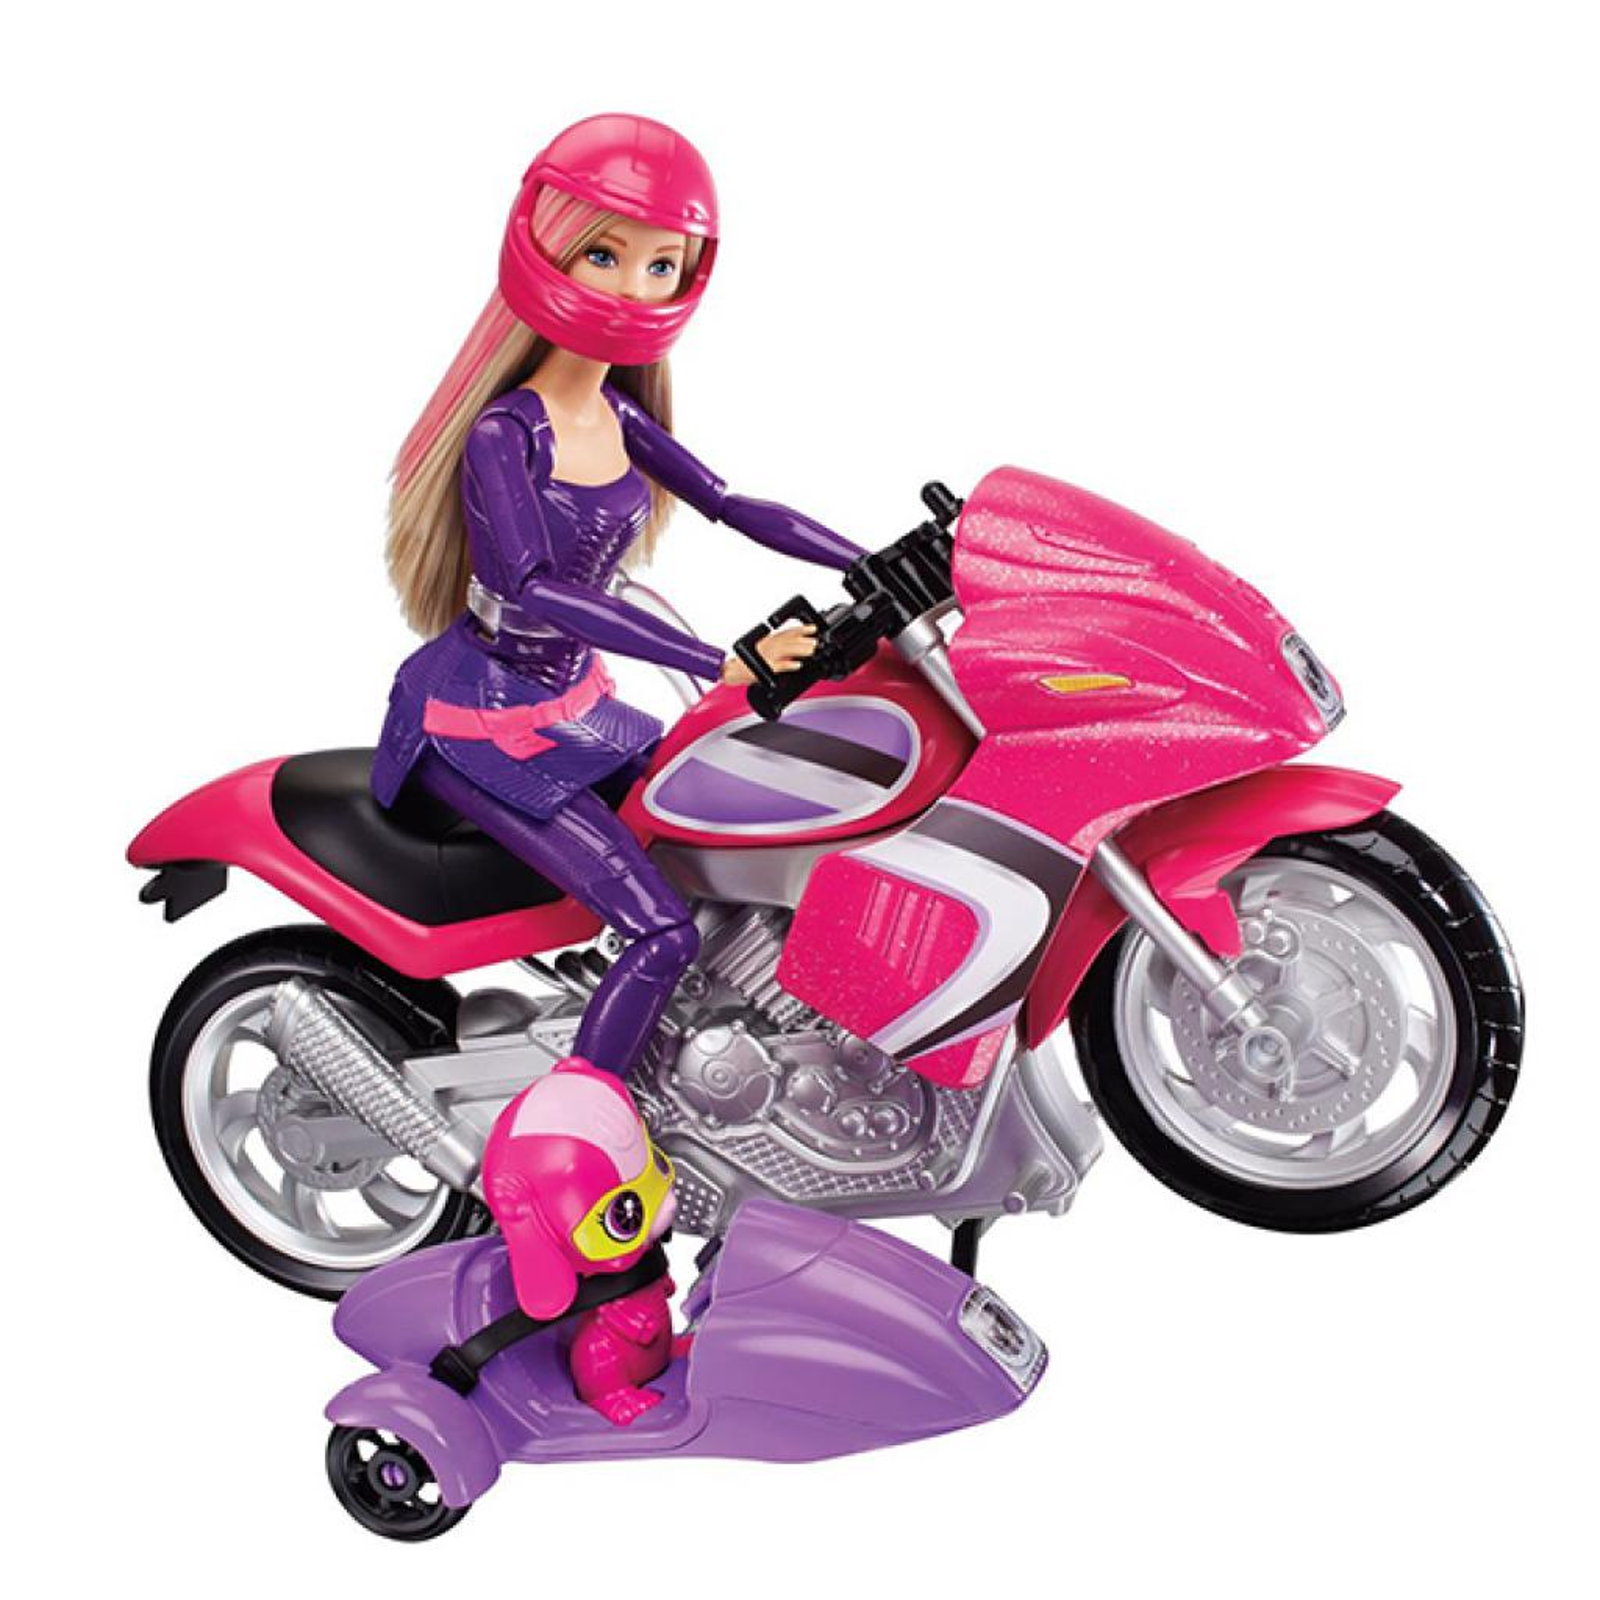 Кукла Barbie Шпионский мотоцикл Шпионская история (DHF21) изображение 2